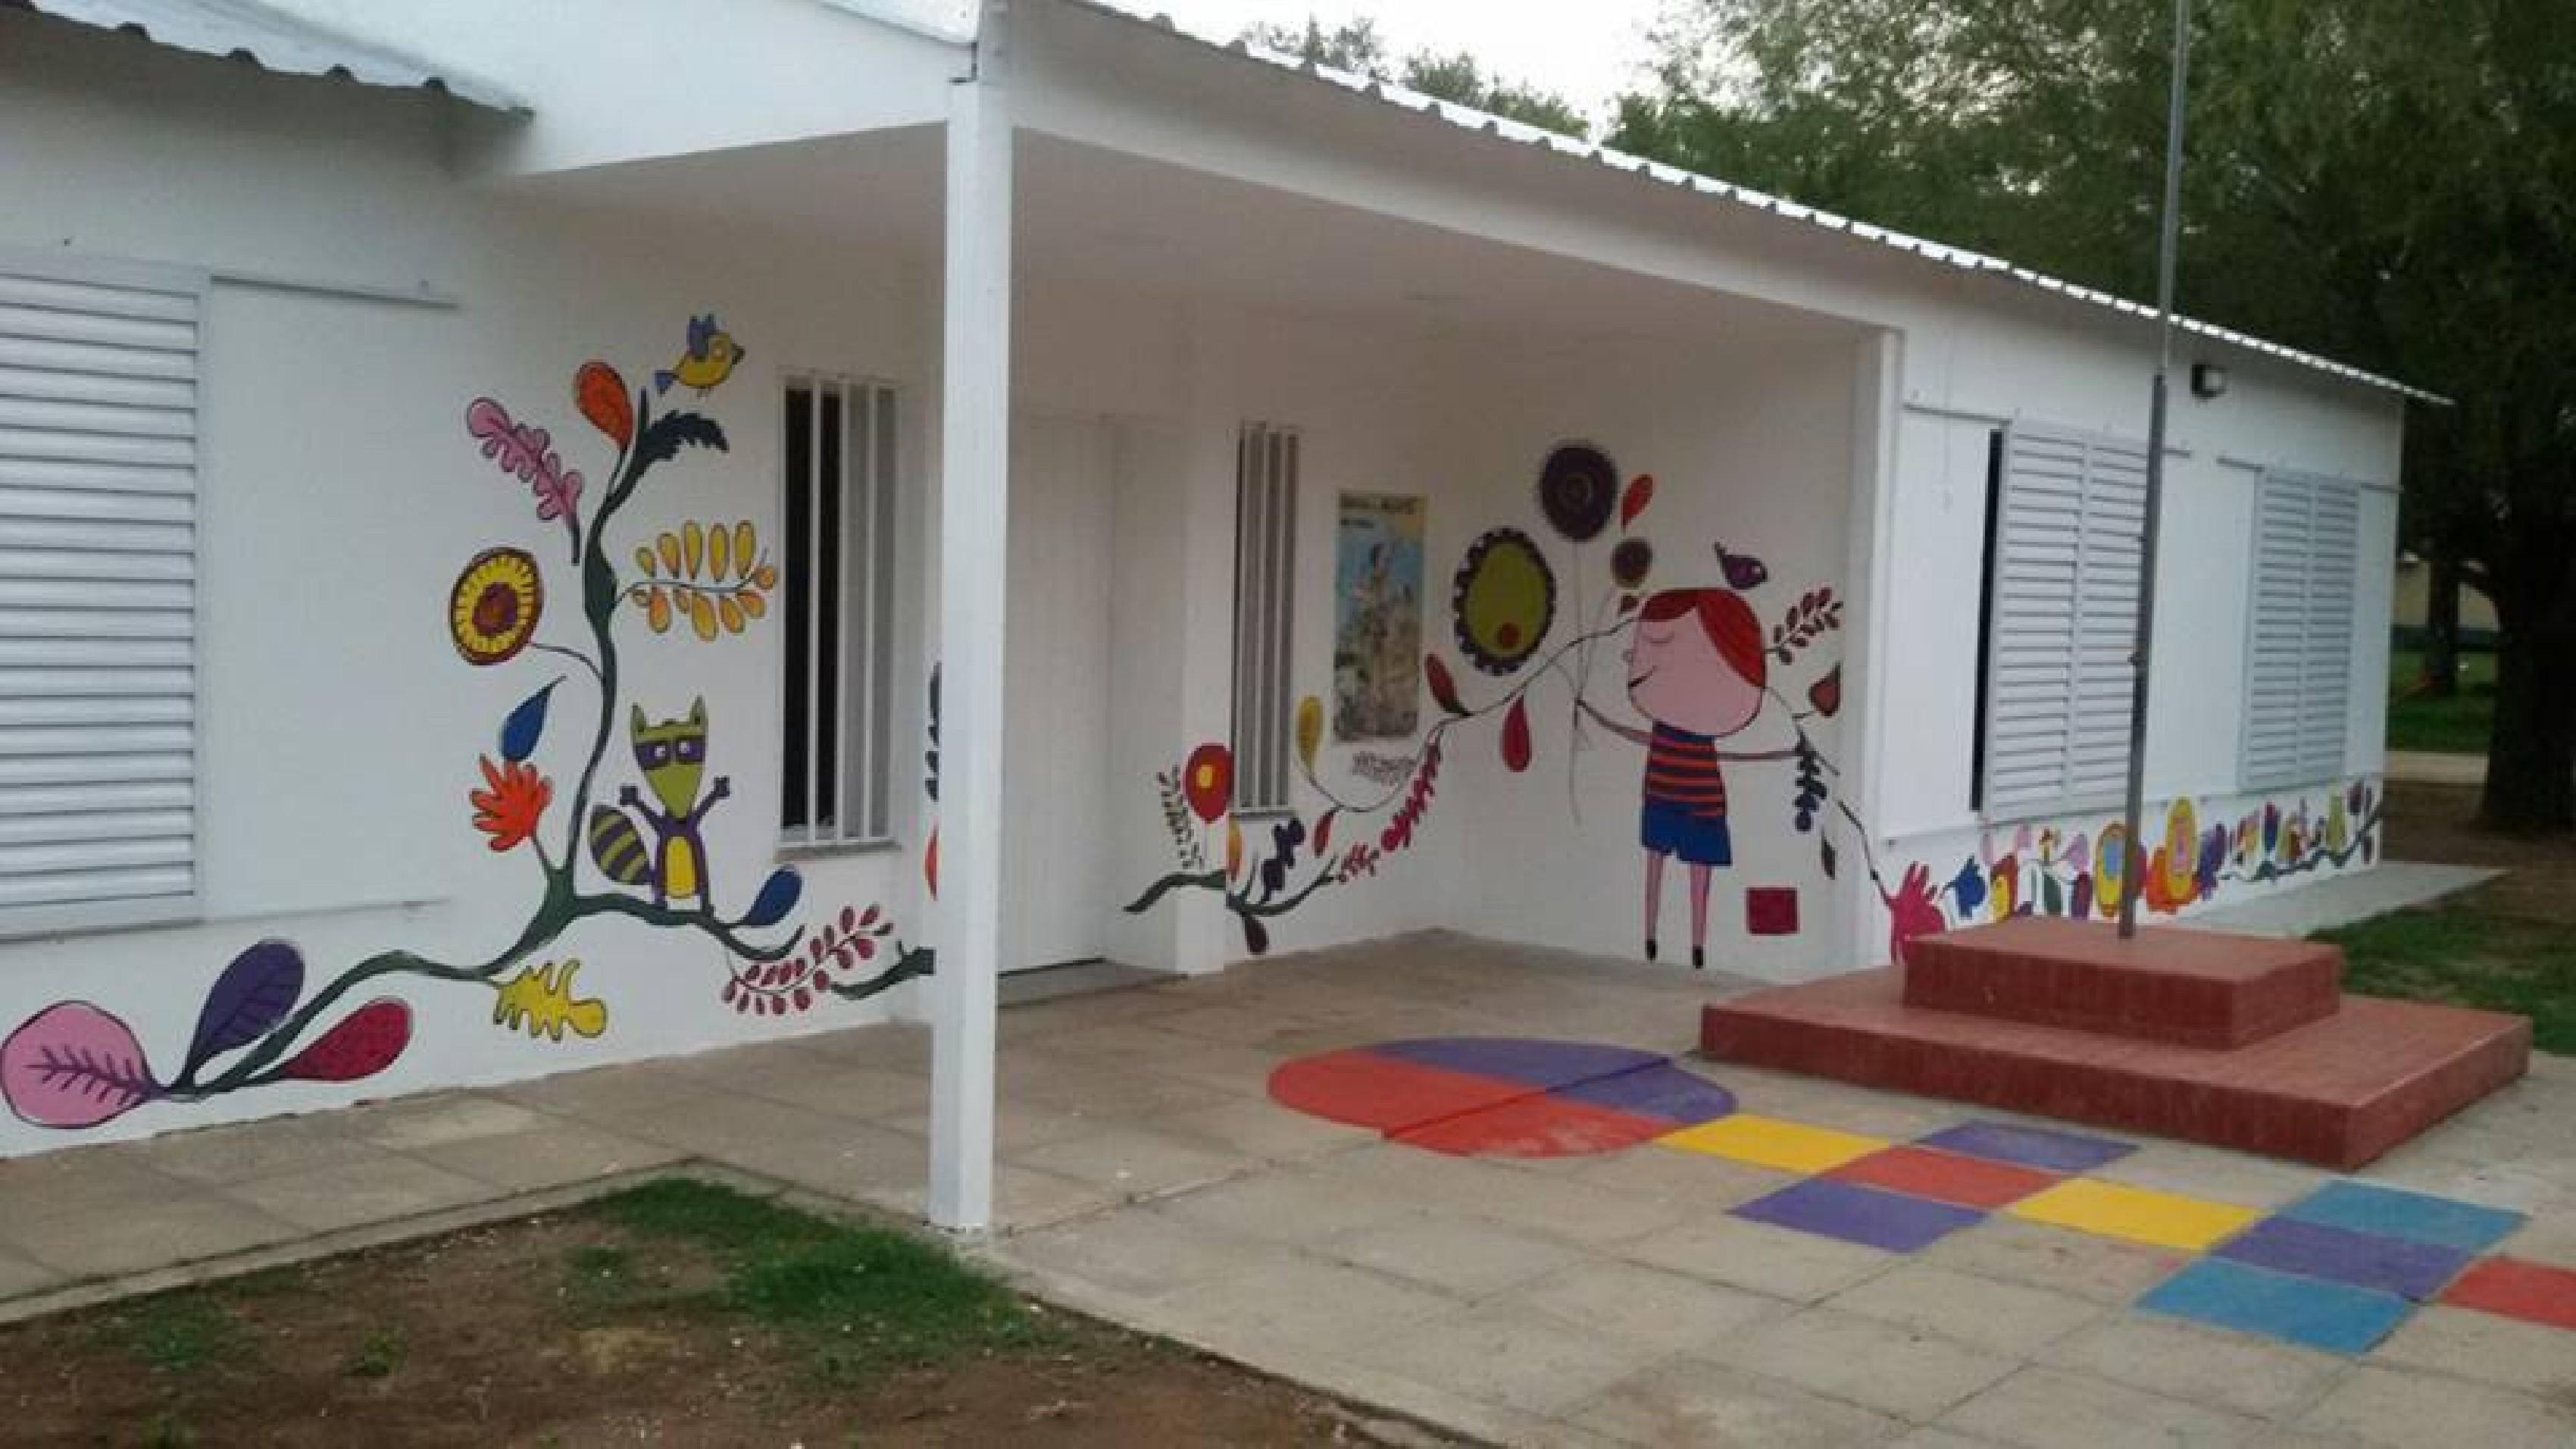 Villa rossi inauguran nueva sala en el jard n de infantes for Jardin de infantes